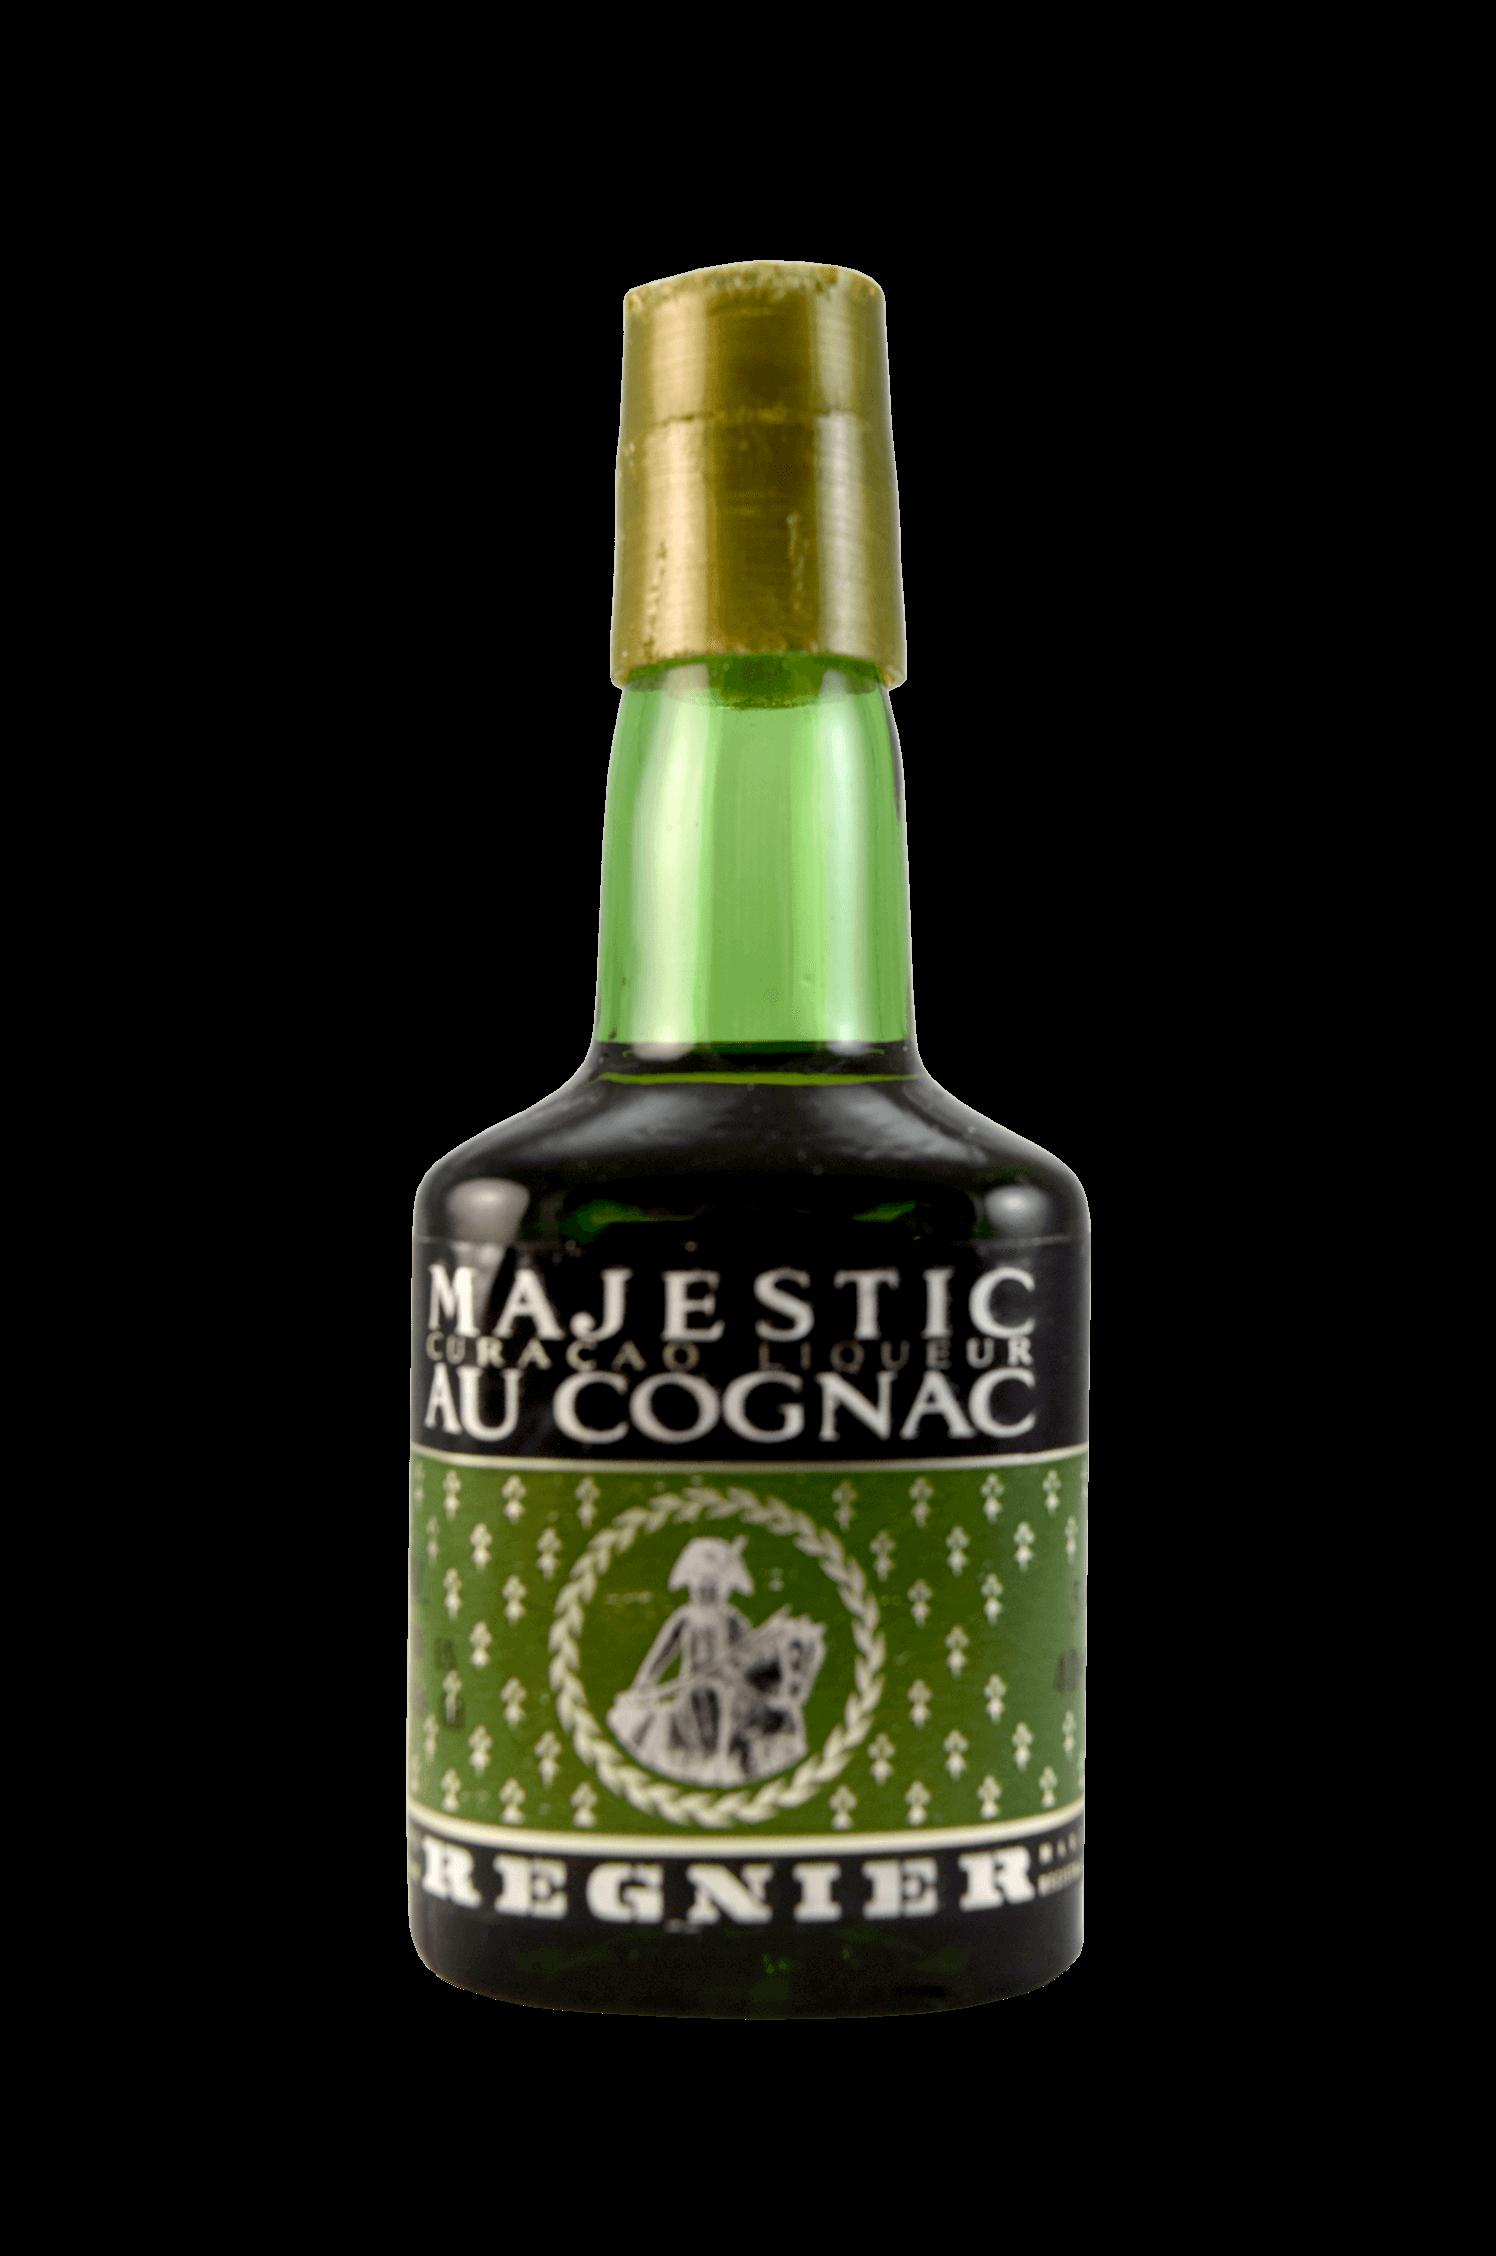 Regnier Majestic Curacao Liqueur